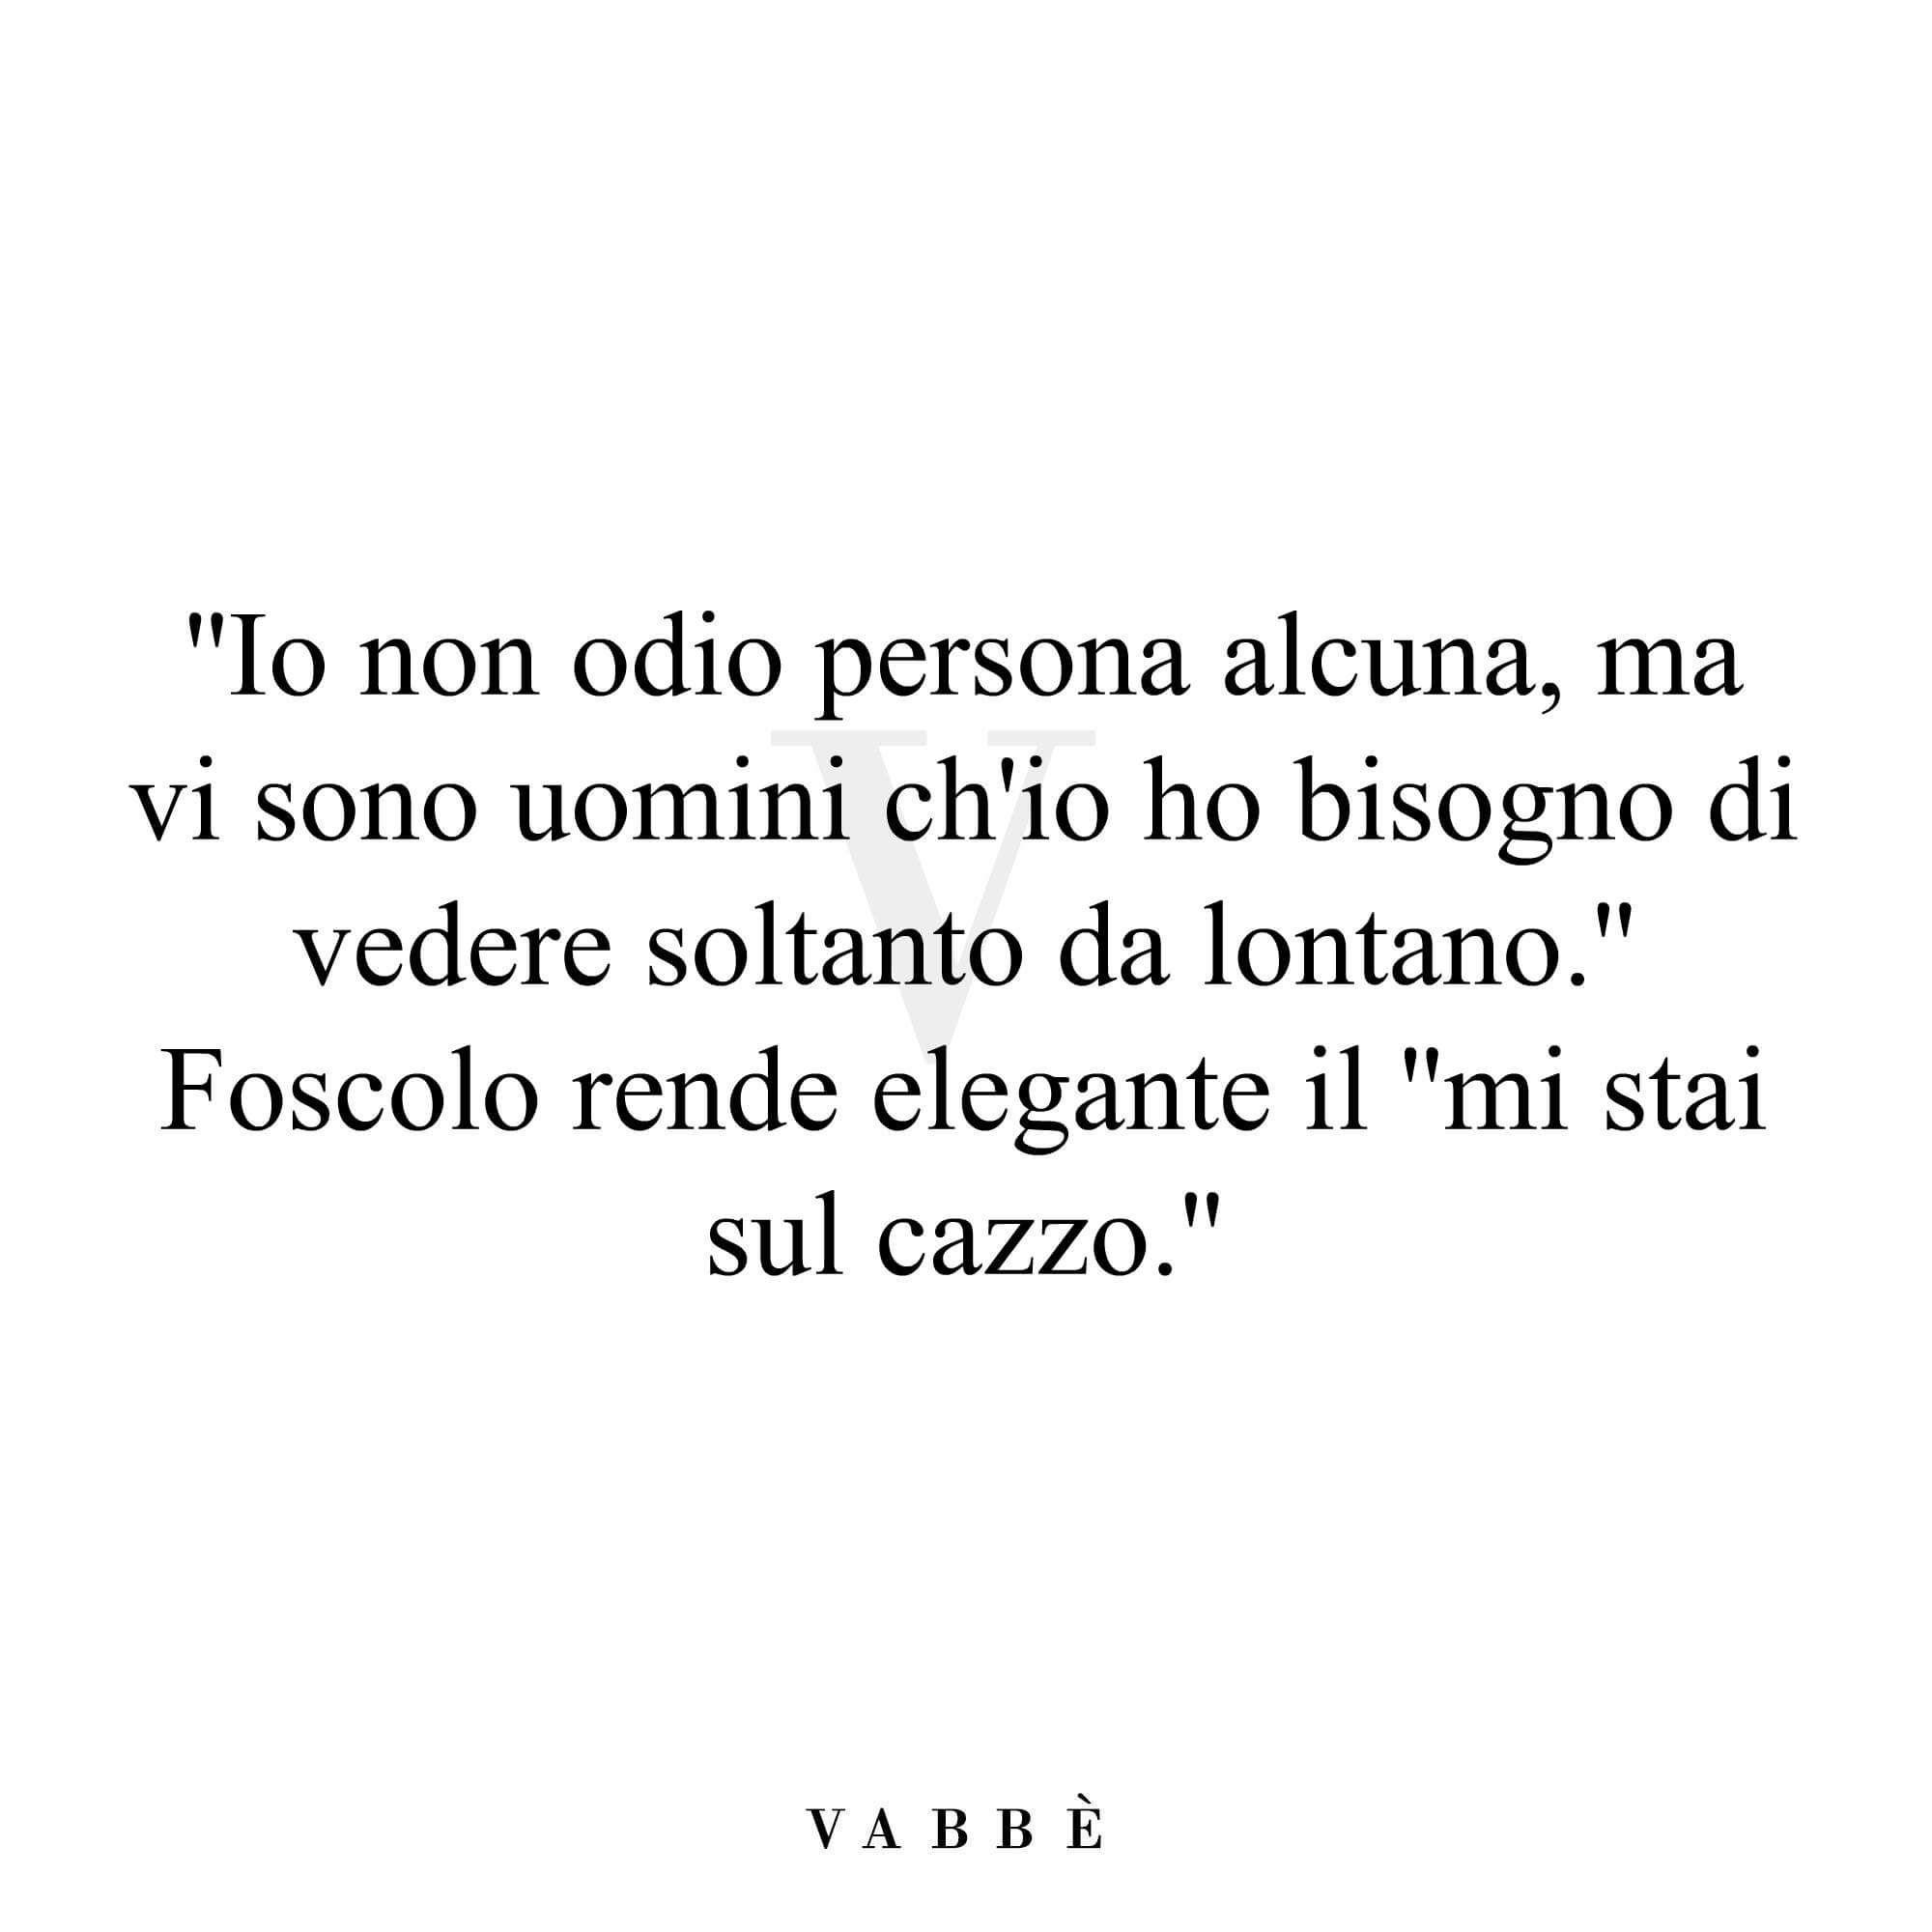 Frasi Sul Sorriso E Amici.Belle Frasi Scaricare Gratis Per Facebook E Whatsapp Amici